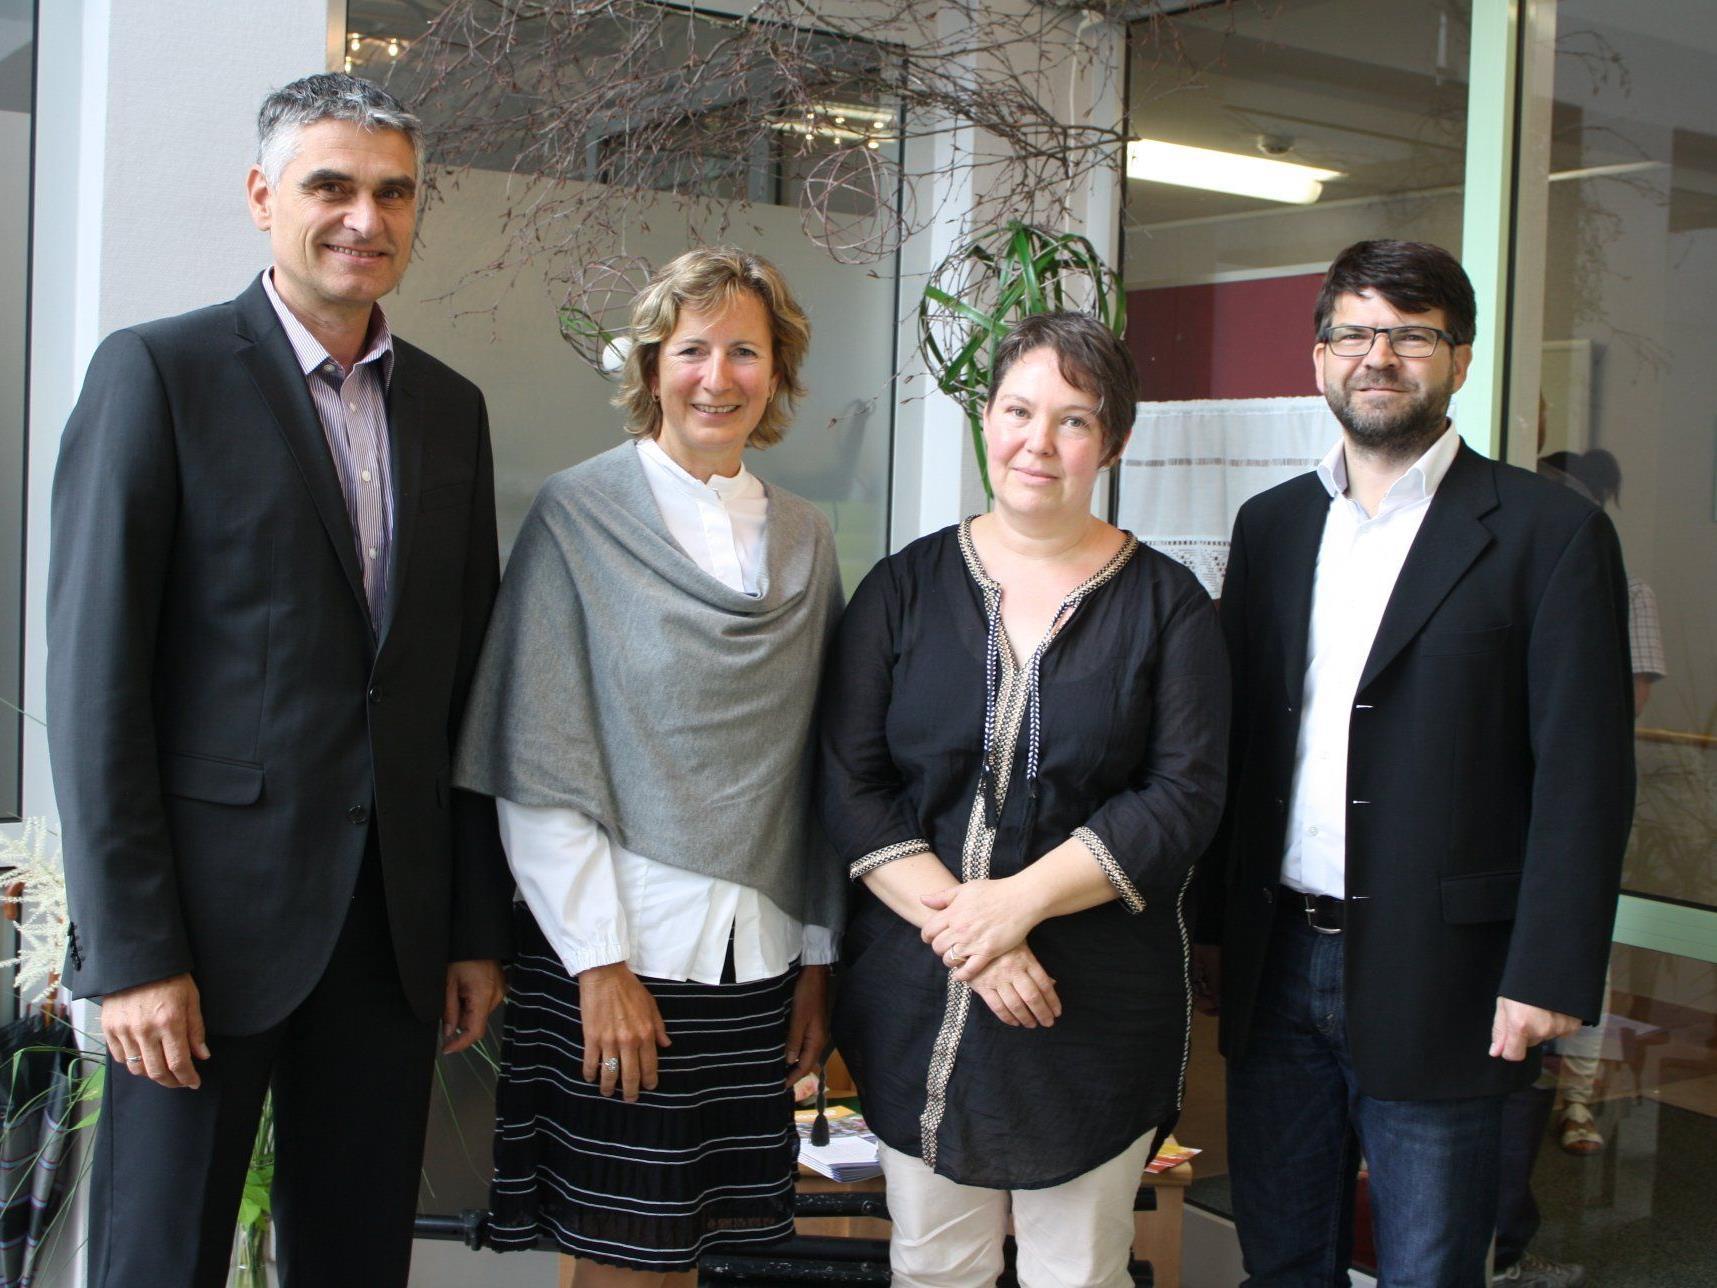 GF Harald Panzenböck, LT-Vizepräsidentin Gabriele Nussbaumer, Doris Raffeiner und Bgm. Gerhard Beer.